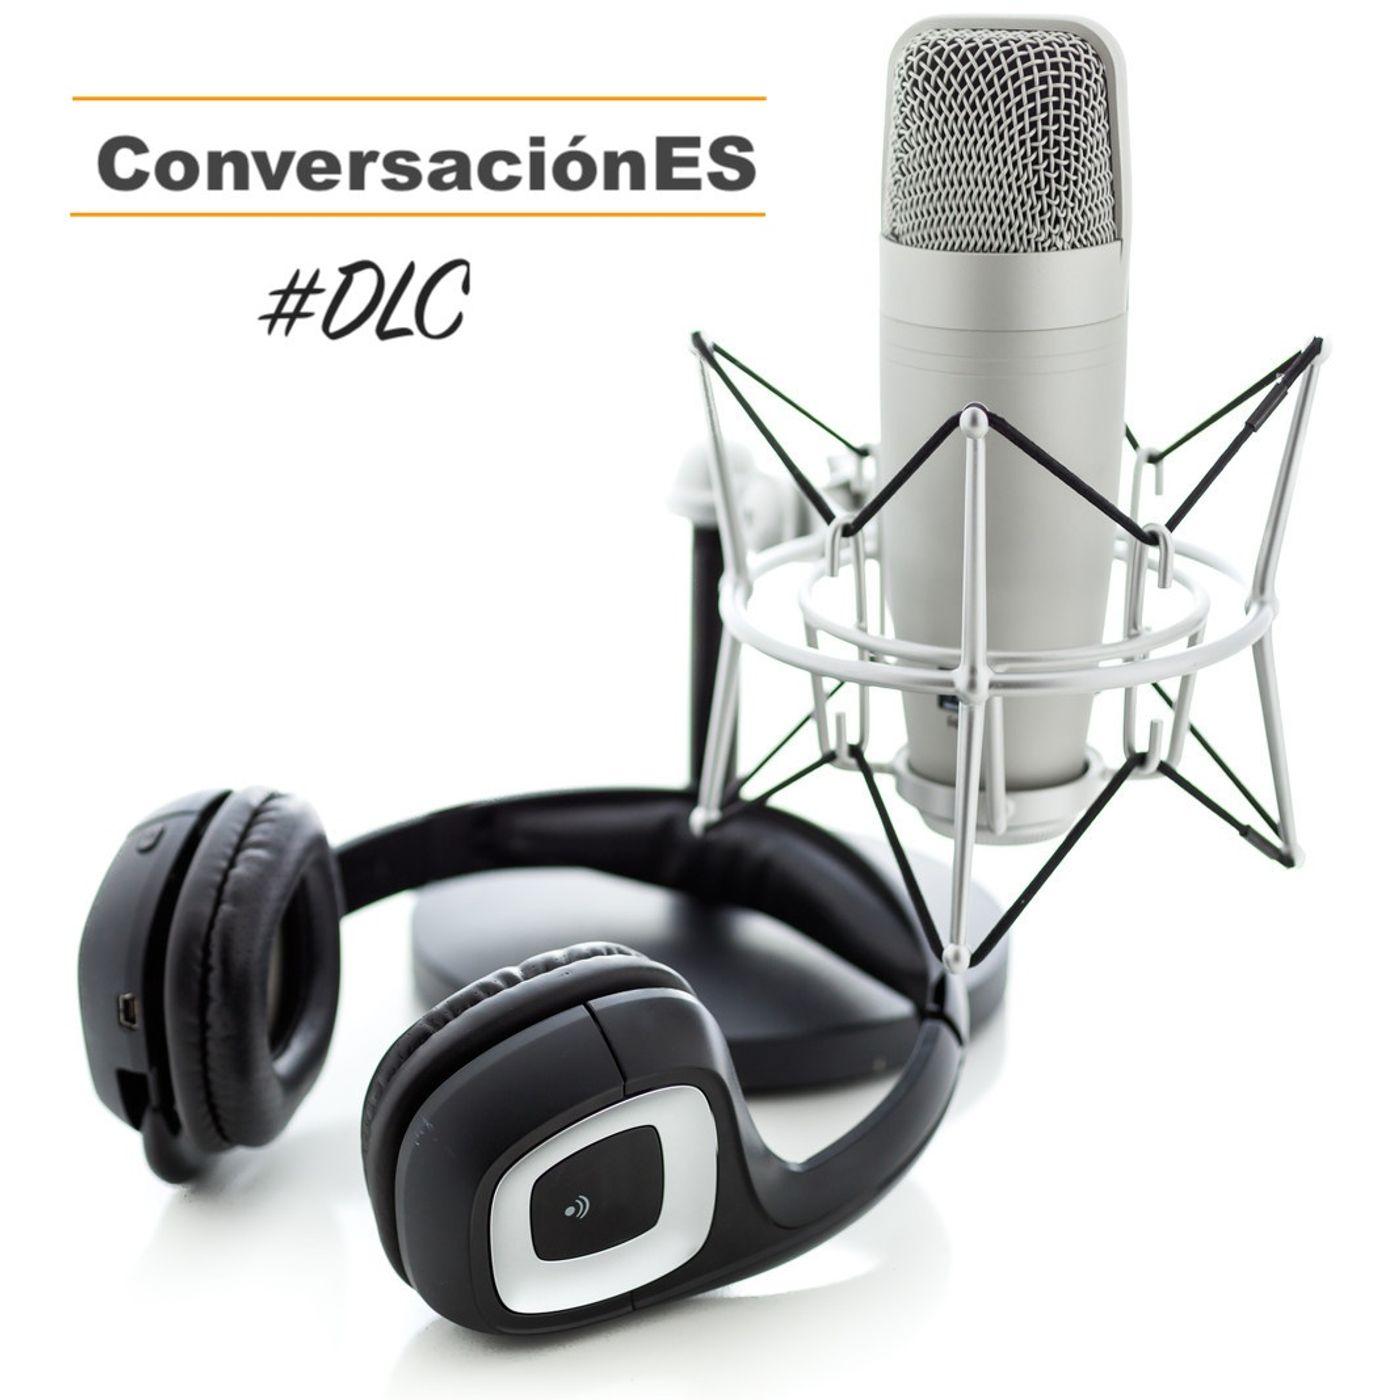 Episodio 52 - ConversaciónES #DLC con Raquel Roca